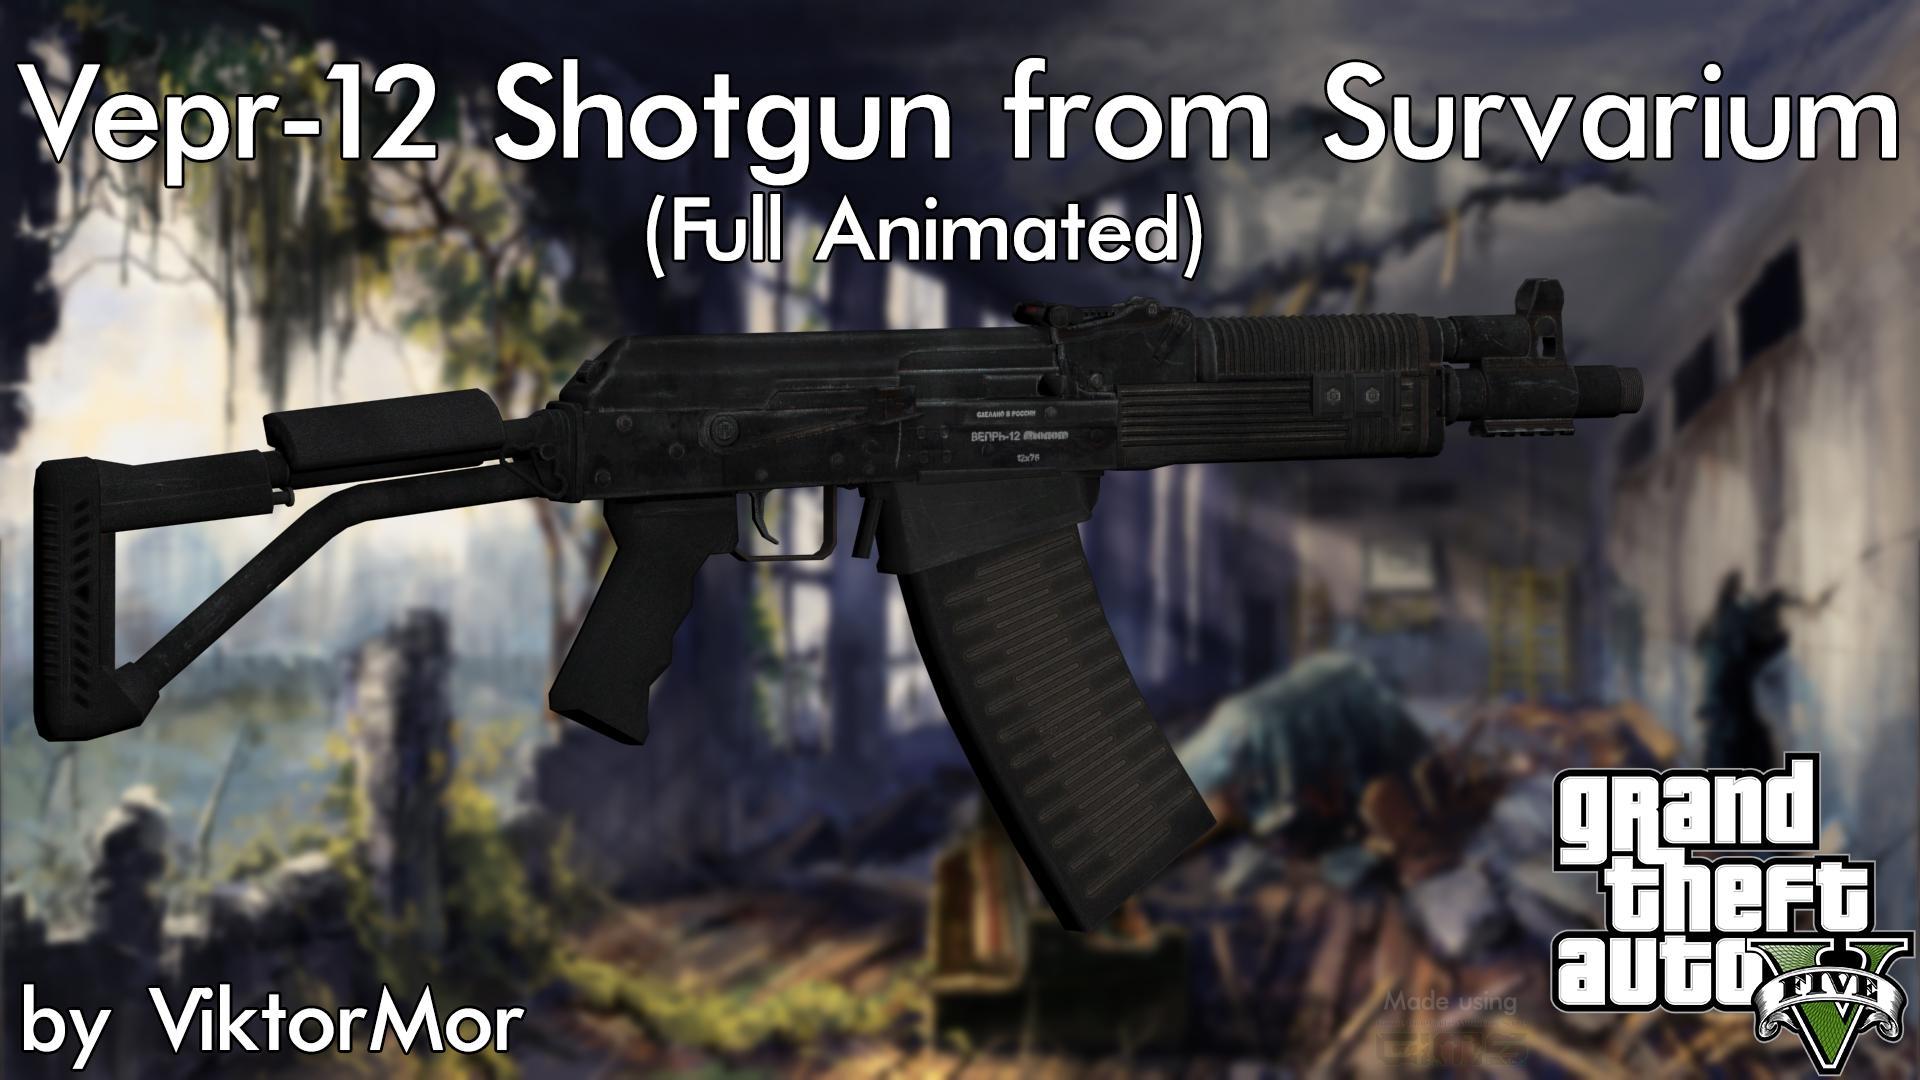 Survarium Vepr-12 Shotgun [Full Animated] - GTA5-Mods.com